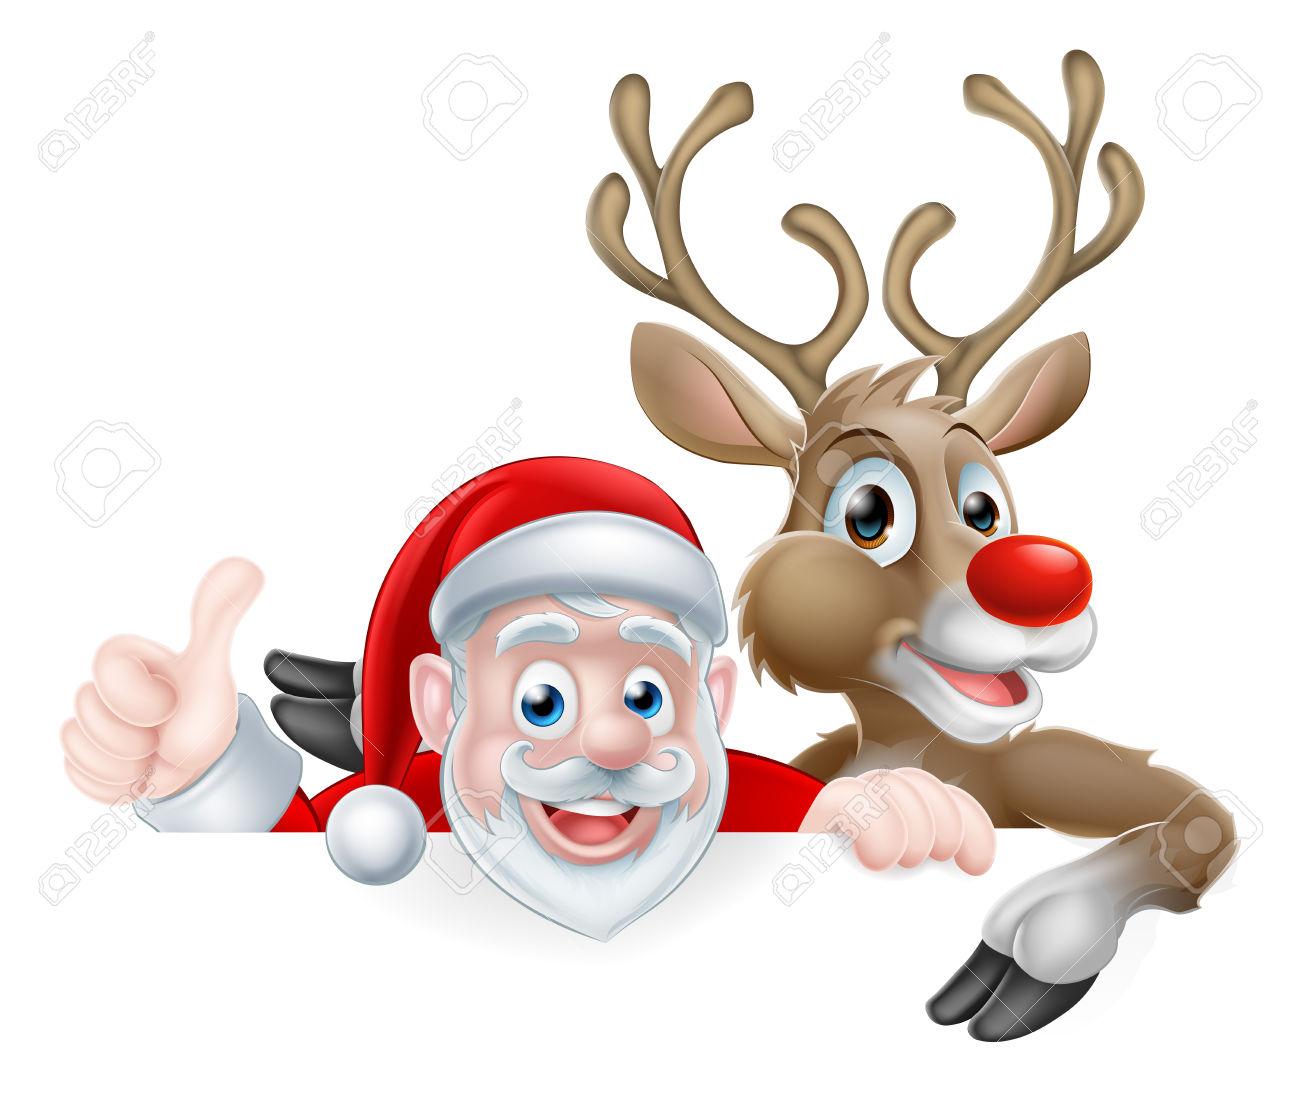 Christmas Illustration Of Cartoon Santa And Reindeer Peeking.